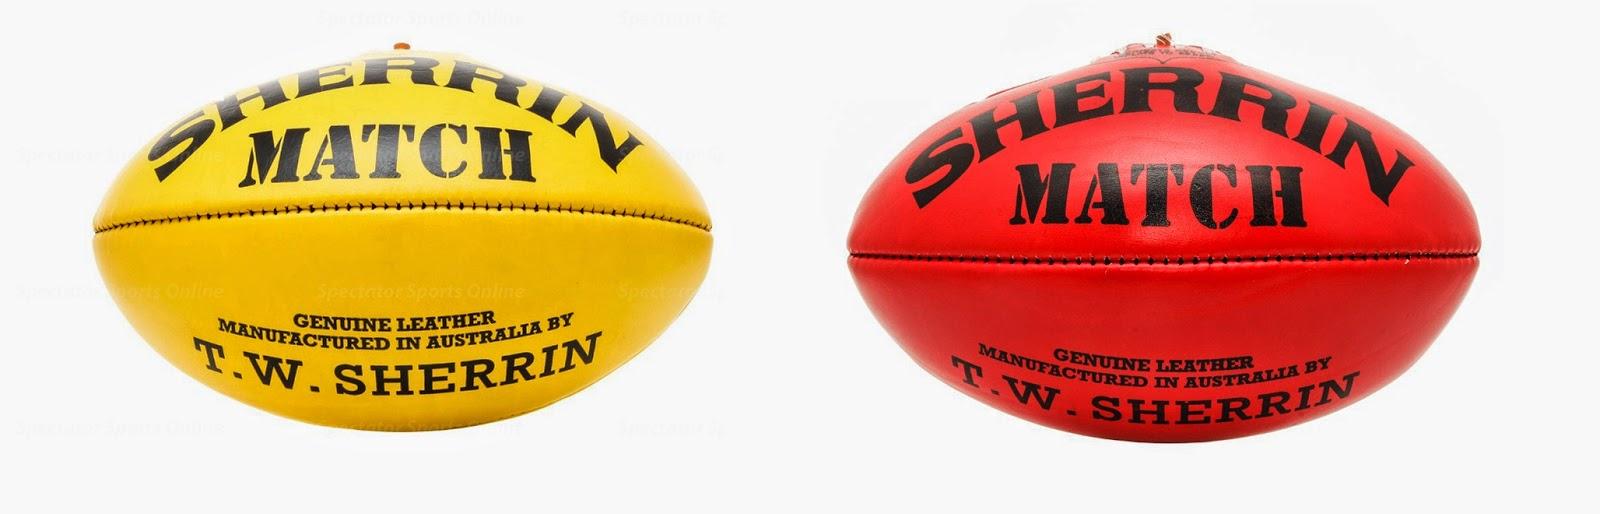 AFL match ball